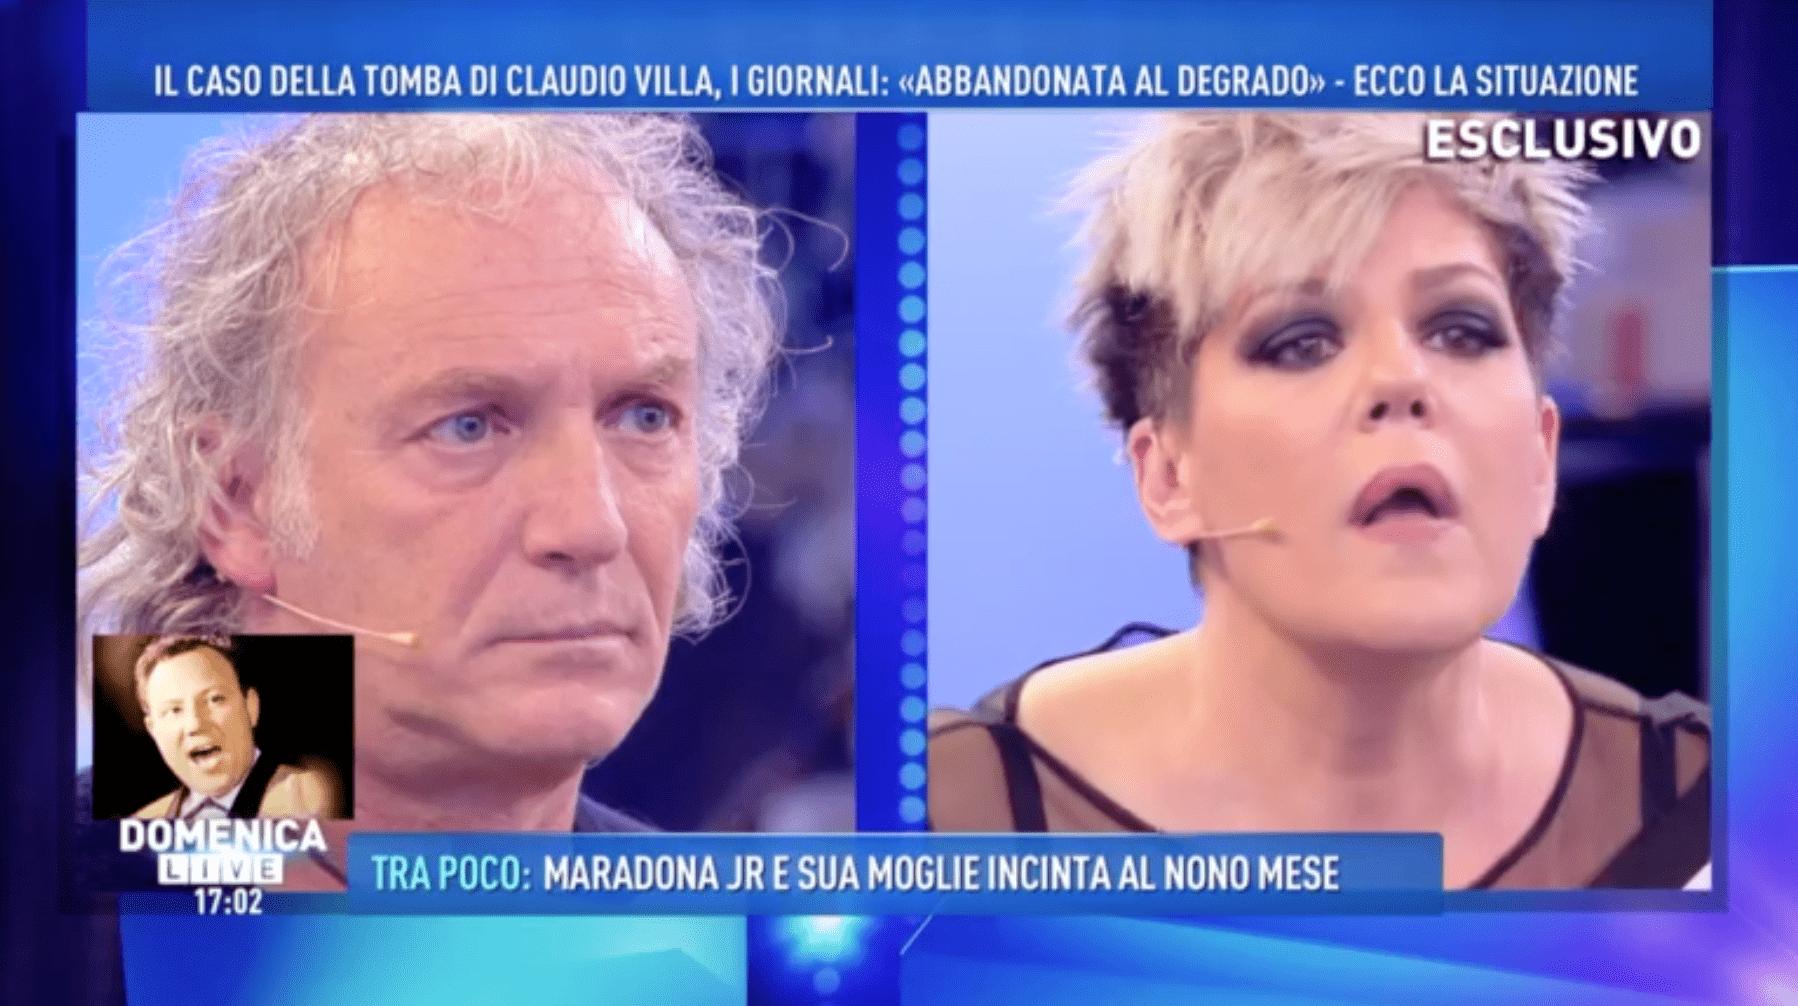 Manuela Villa contro la moglie del padre: 'E' vedova solo per i giornali, non gliene frega niente'